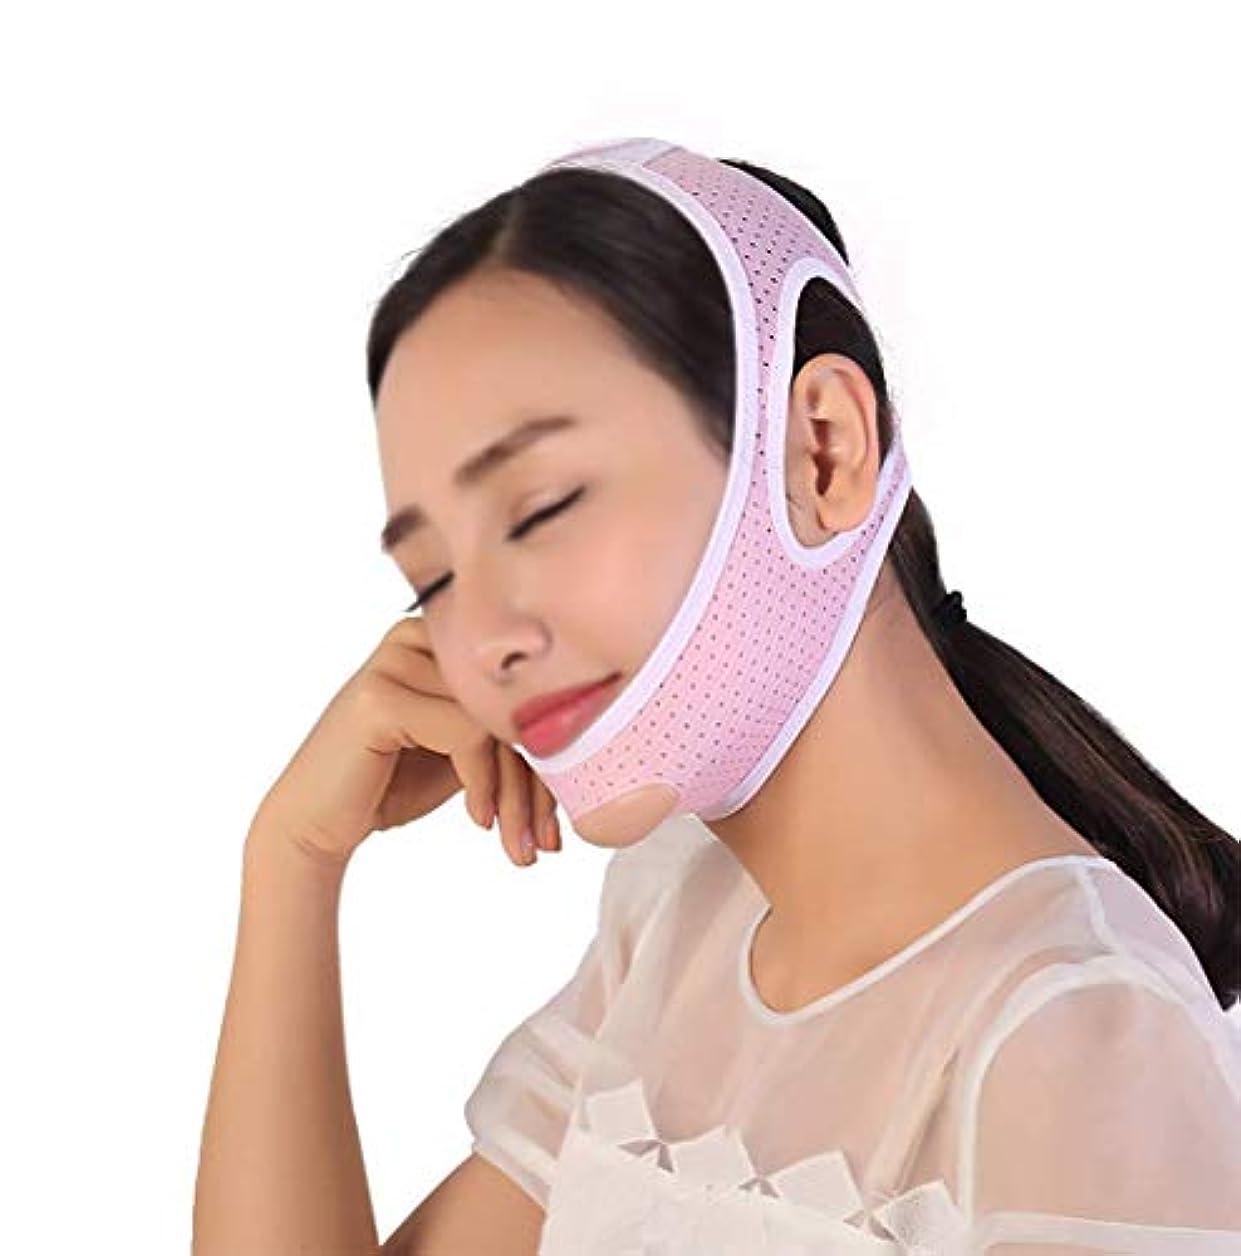 豊かにする入場気まぐれなフェイスリフトフェイシャル、肌のリラクゼーションを防ぐためのタイトなVフェイスマスクVフェイスアーティファクトフェイスリフトバンデージフェイスケア(サイズ:M)